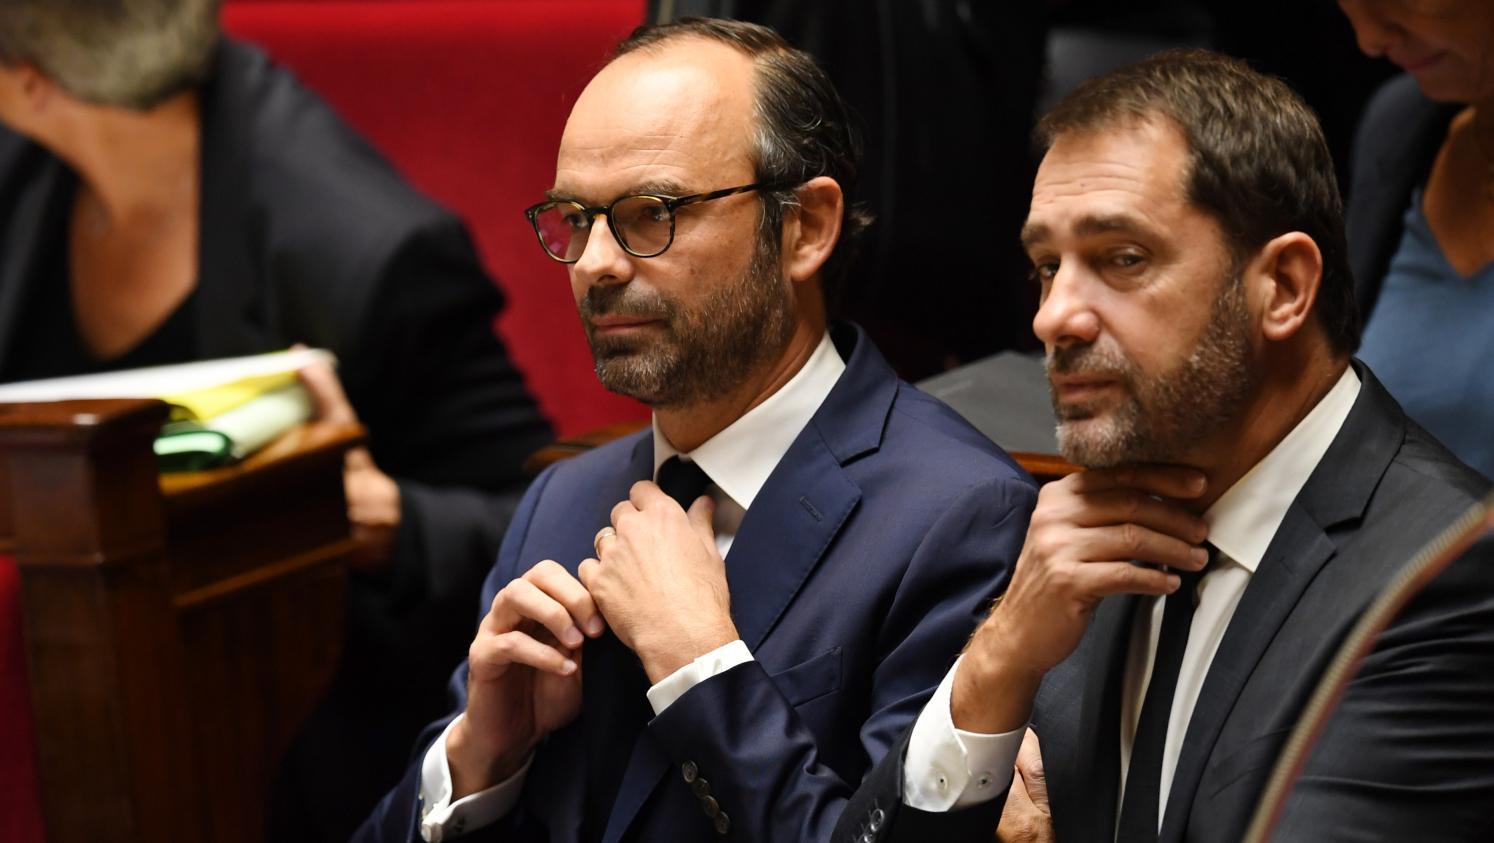 Débat sur la politique migratoire : grosses tensions à venir dans la majorité - Franceinfo